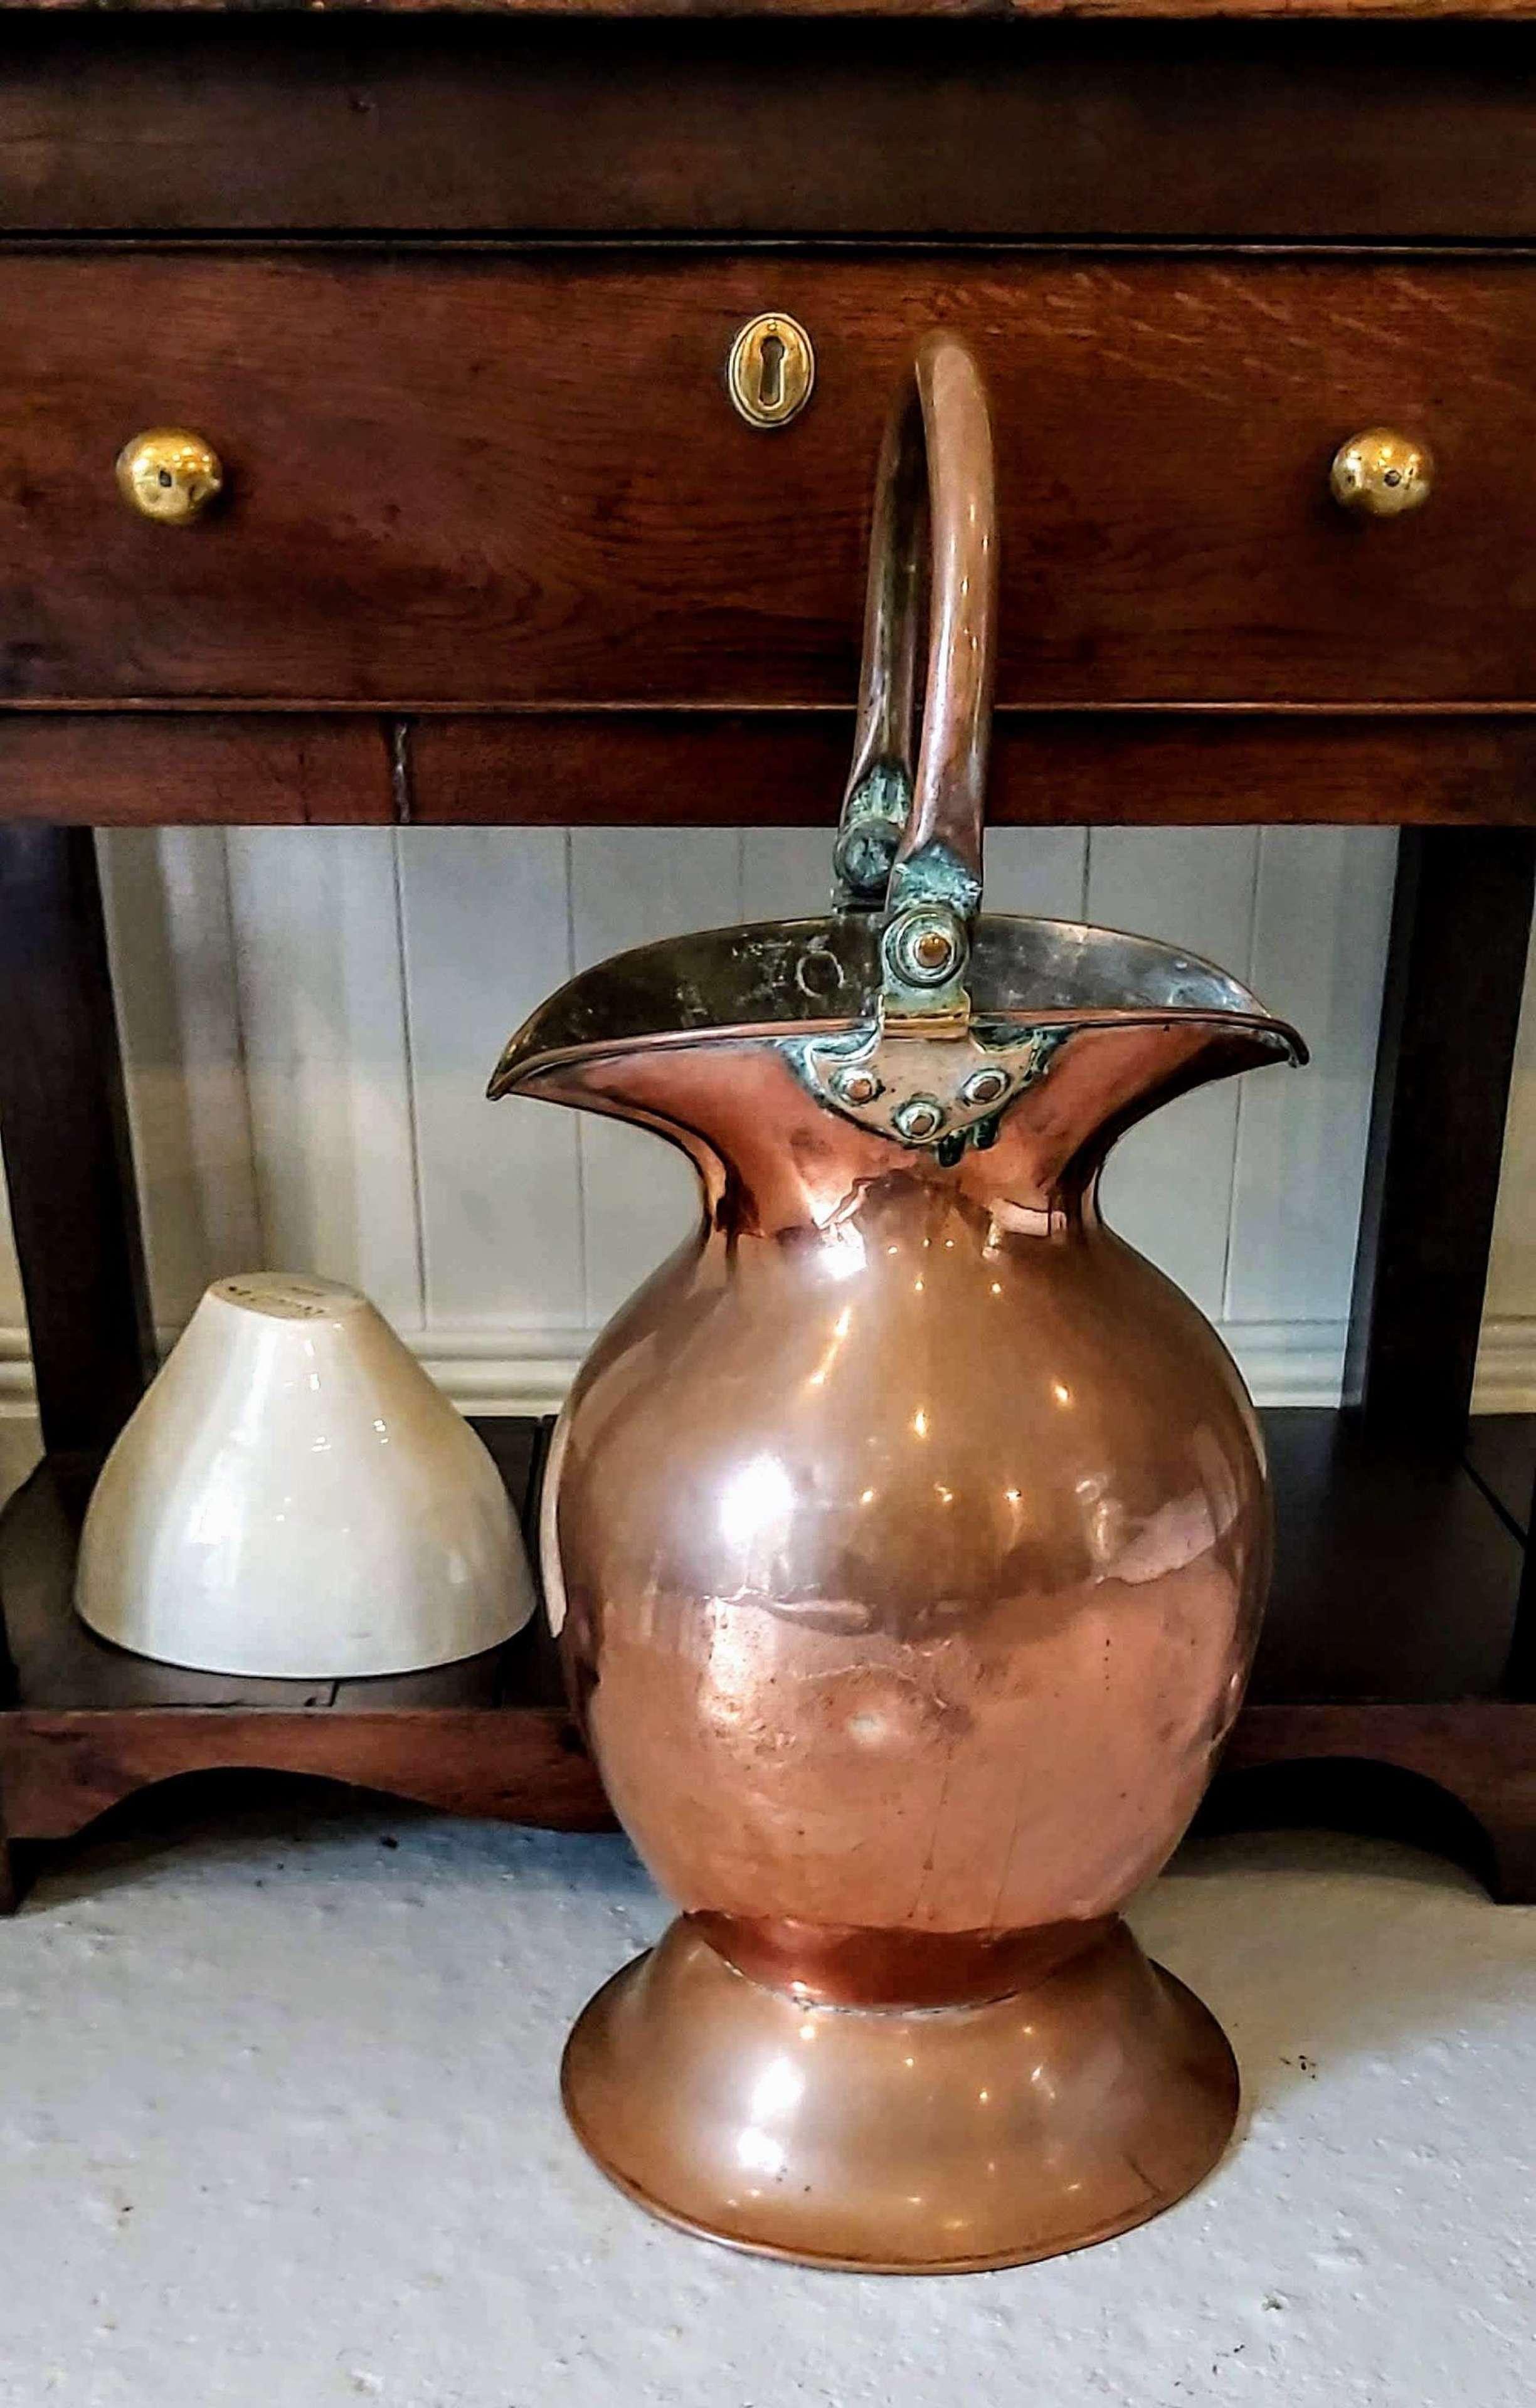 Antique Copper Vessel with double spout